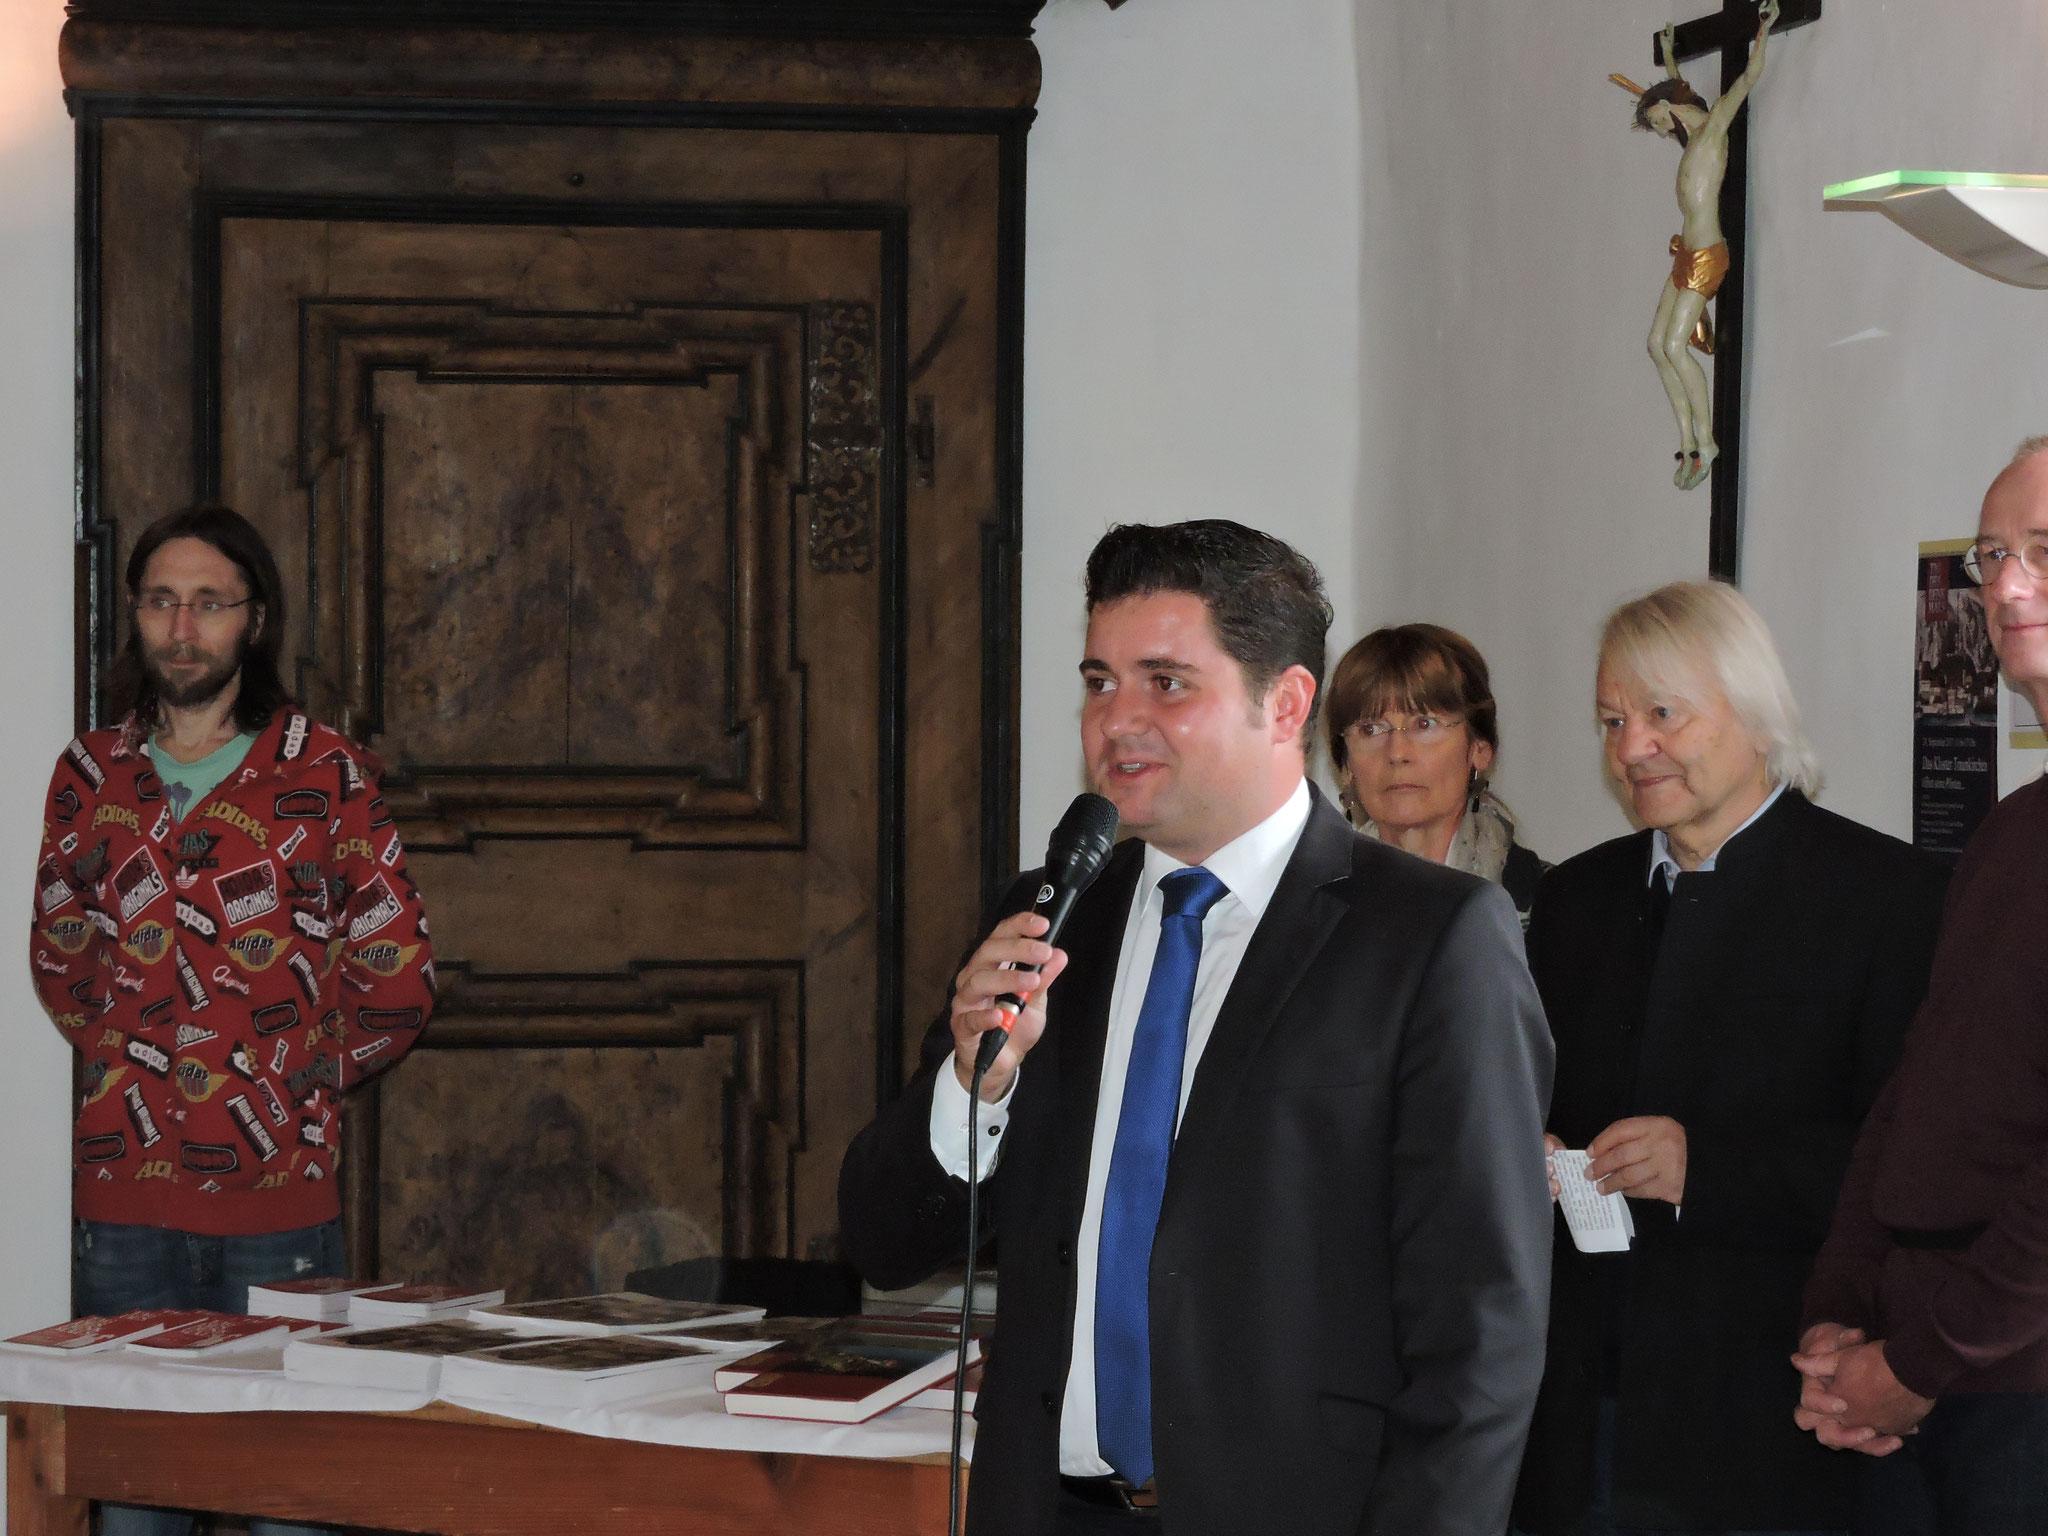 Bürgermeister Christoph Schragl bei der Eröffnung ©B. Bichler